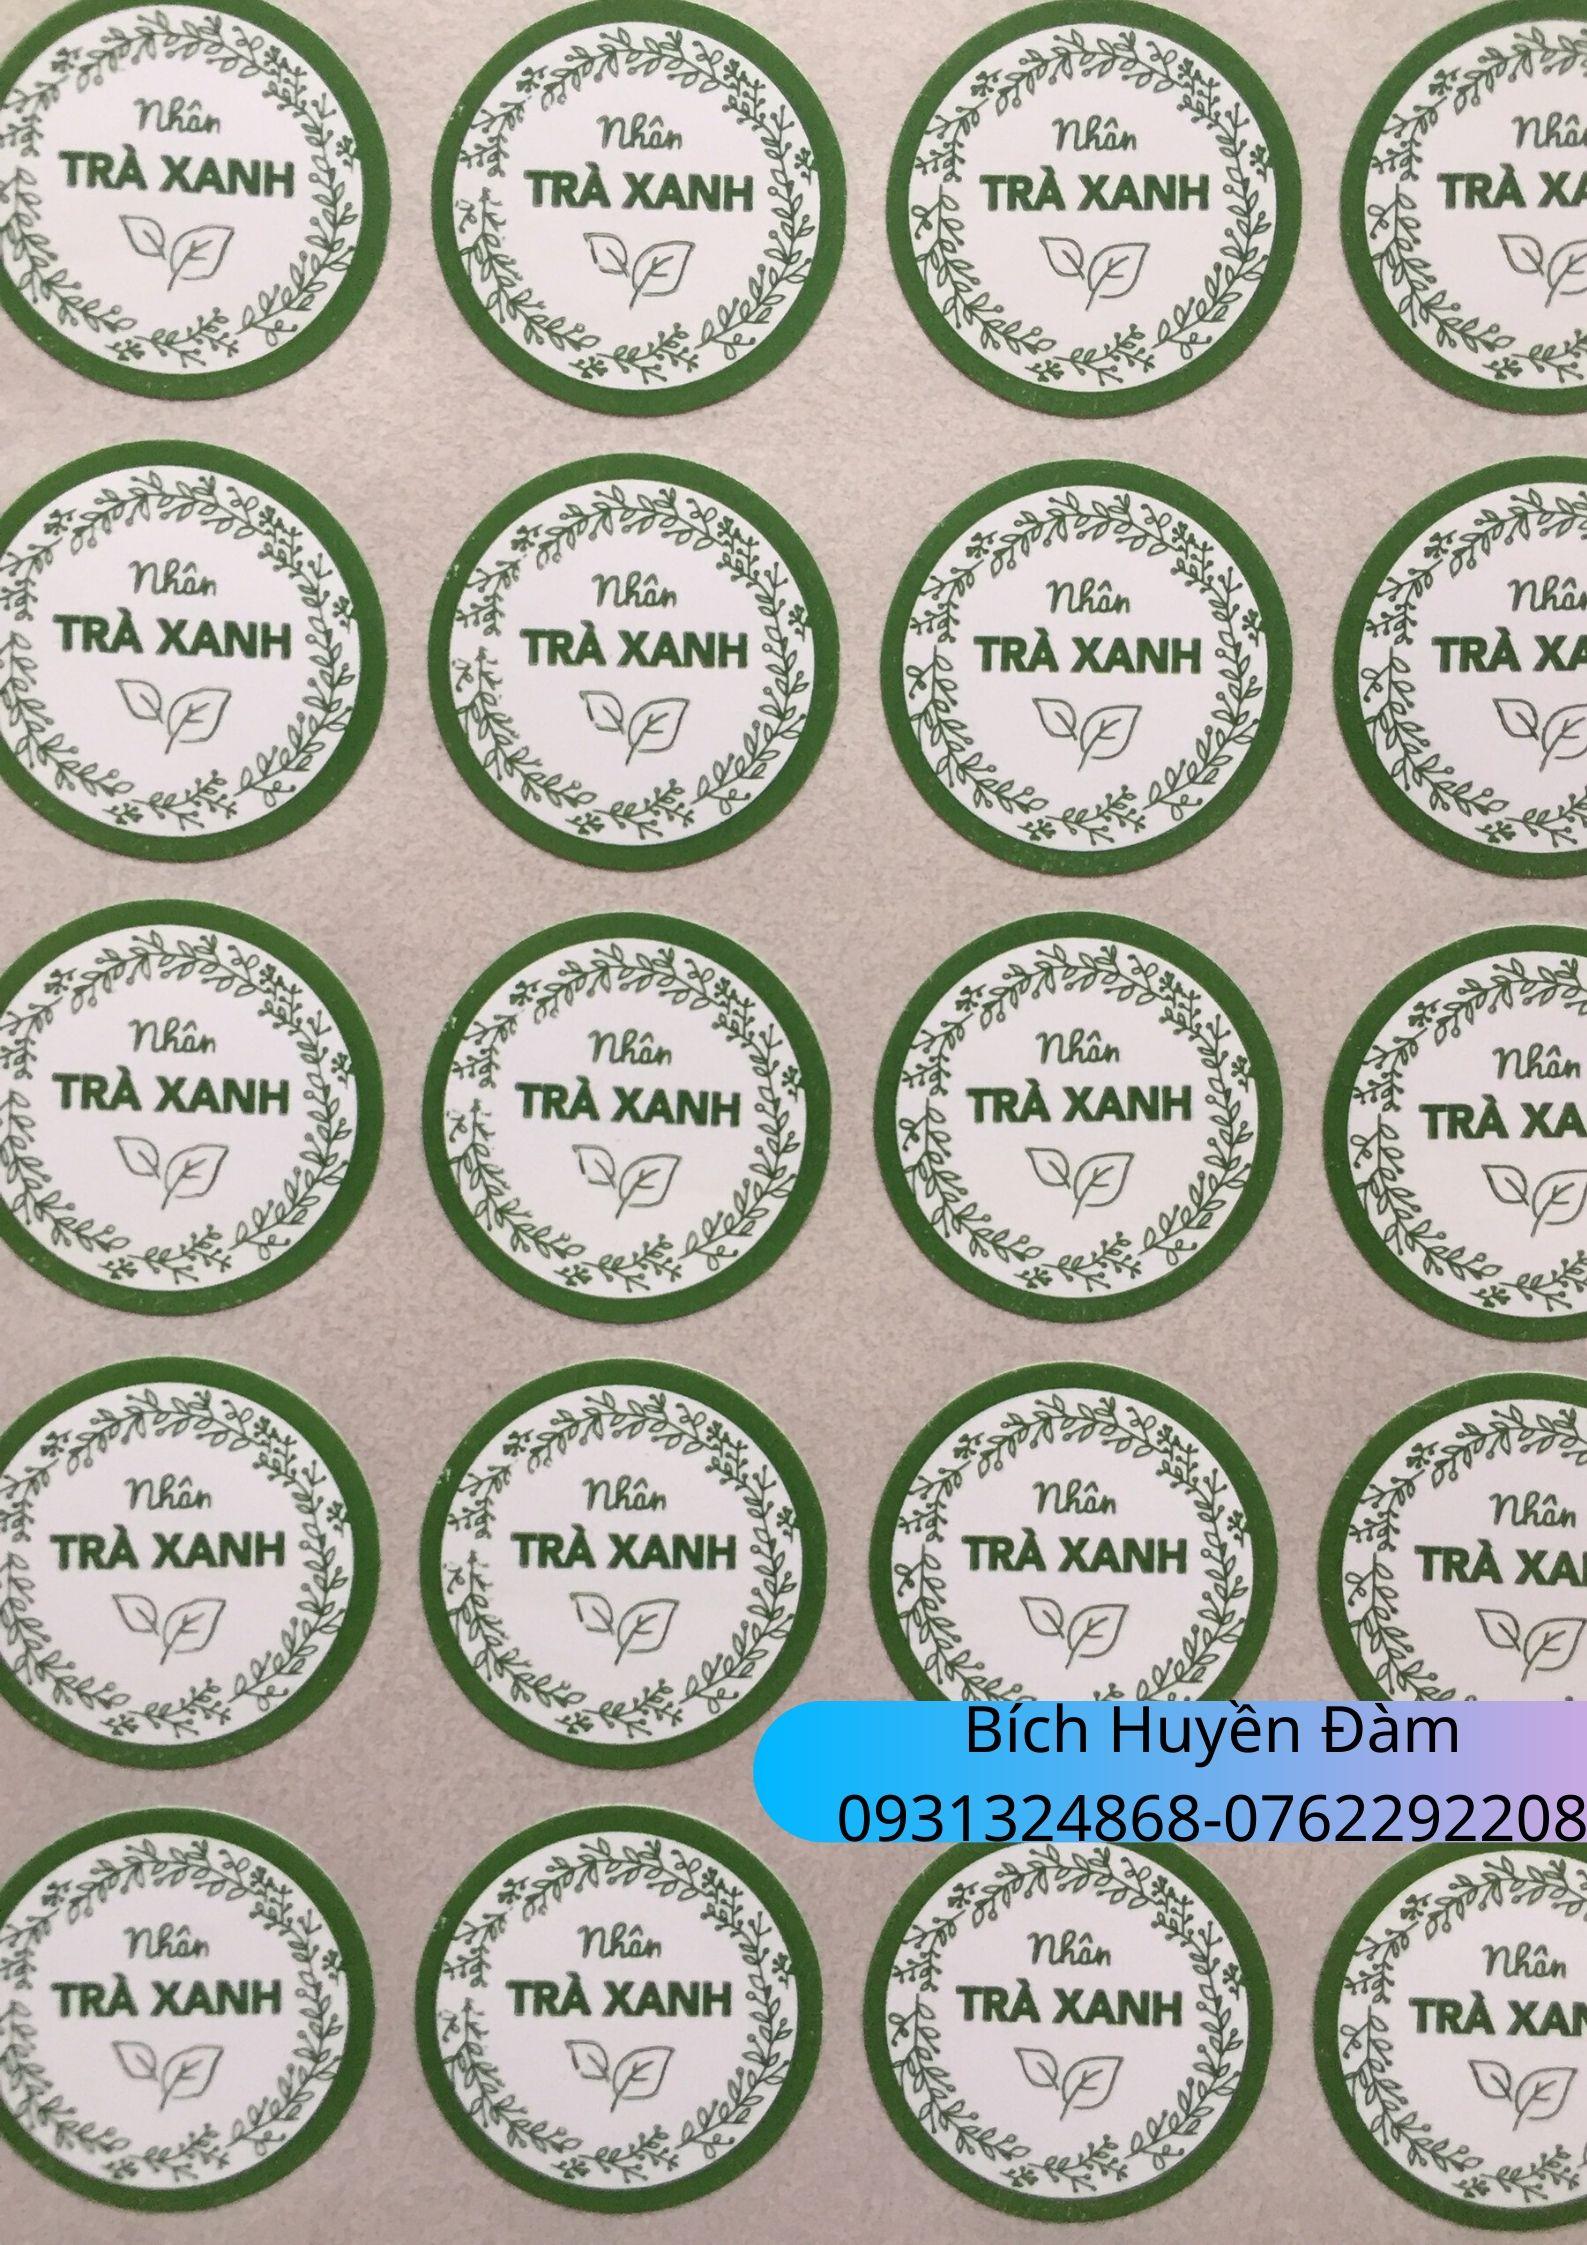 Tem Nhân Bánh Trung Thu 2020 - Trà xanh 01